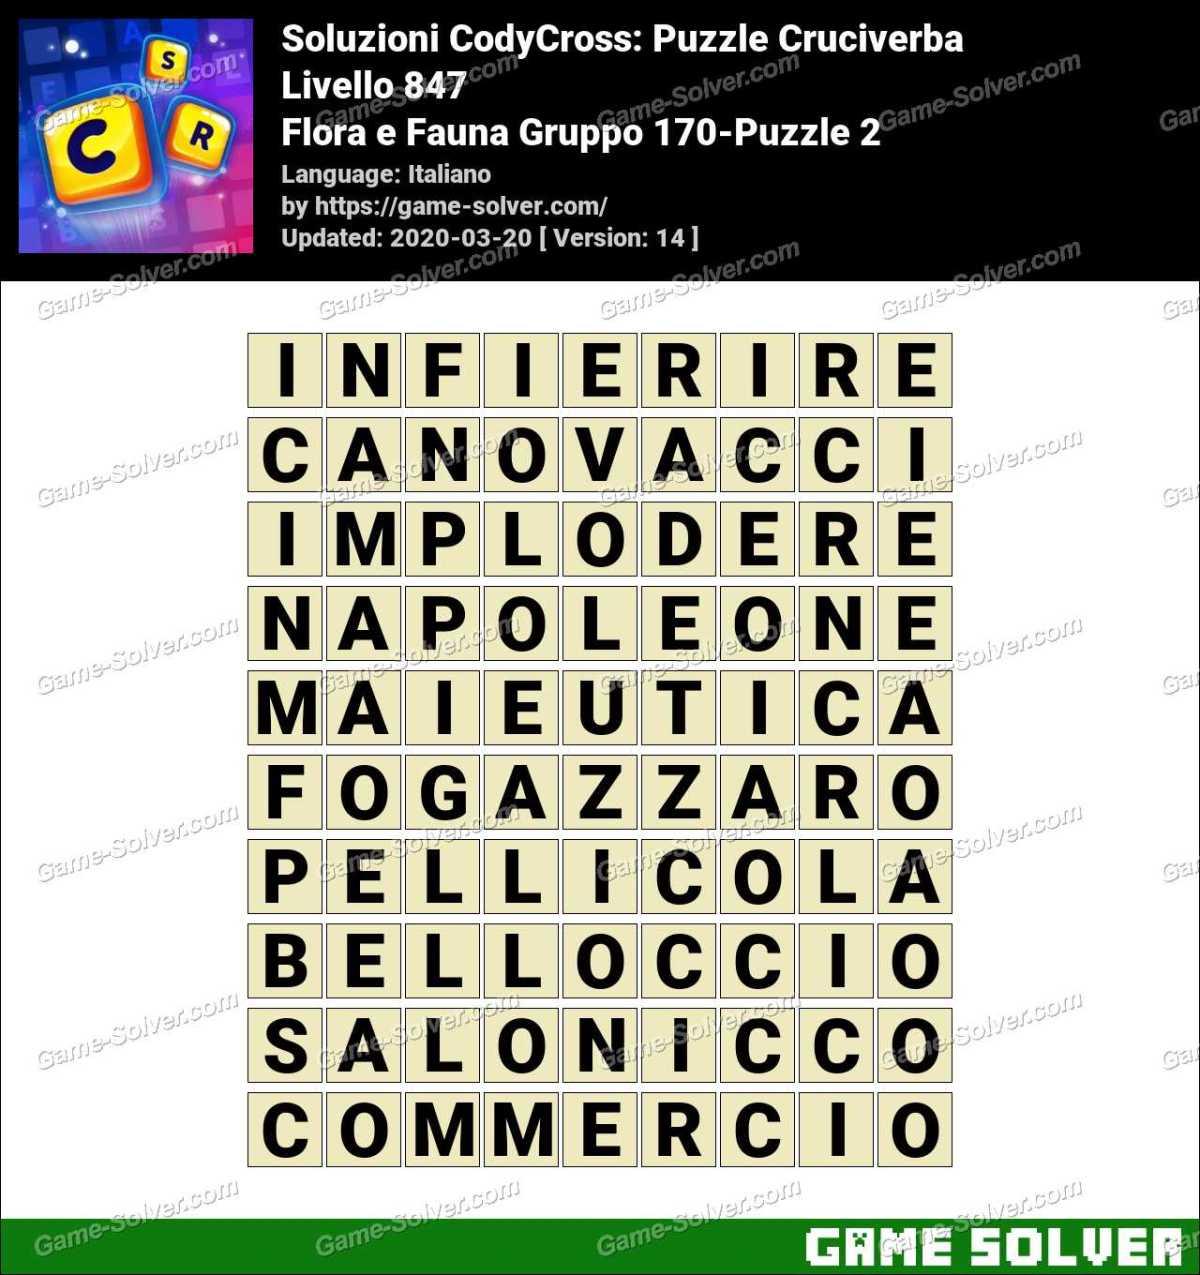 Soluzioni CodyCross Flora e Fauna Gruppo 170-Puzzle 2